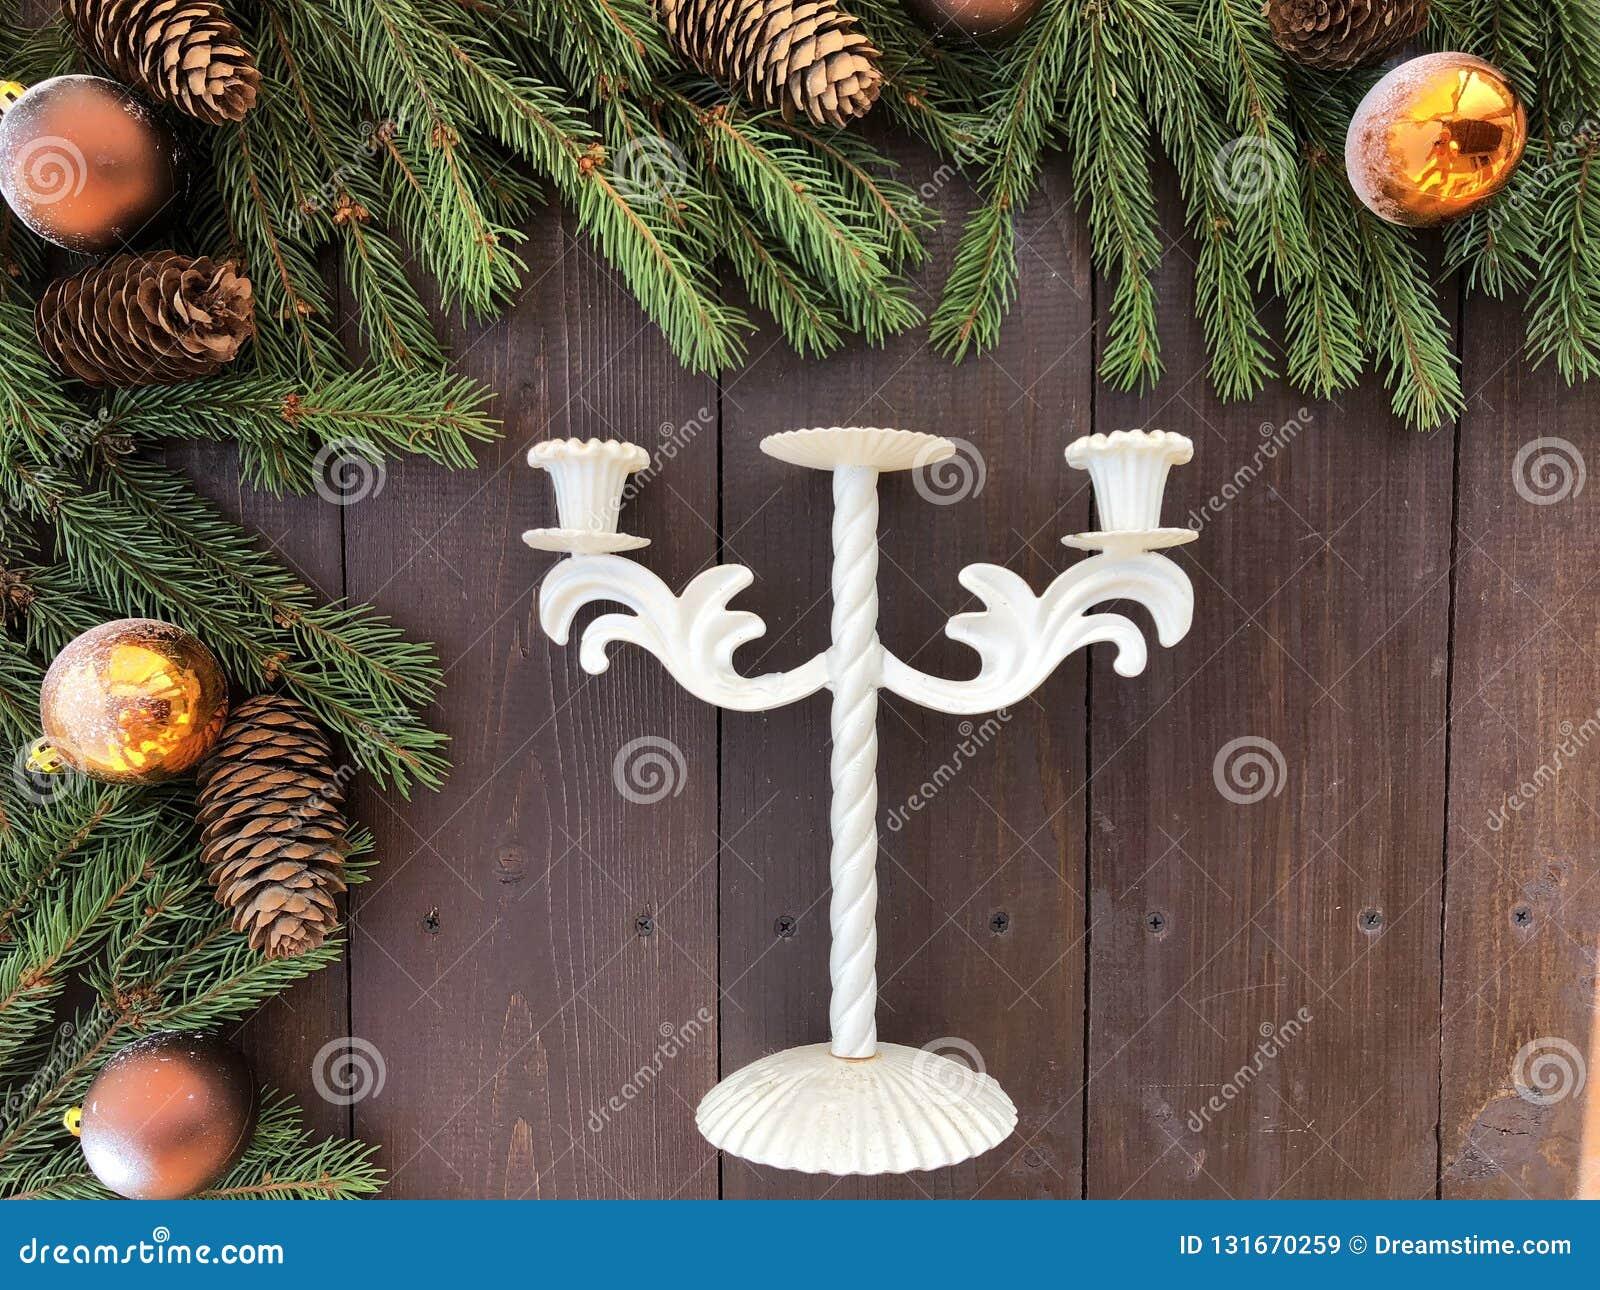 Weihnachten und glückliches neues Jahr